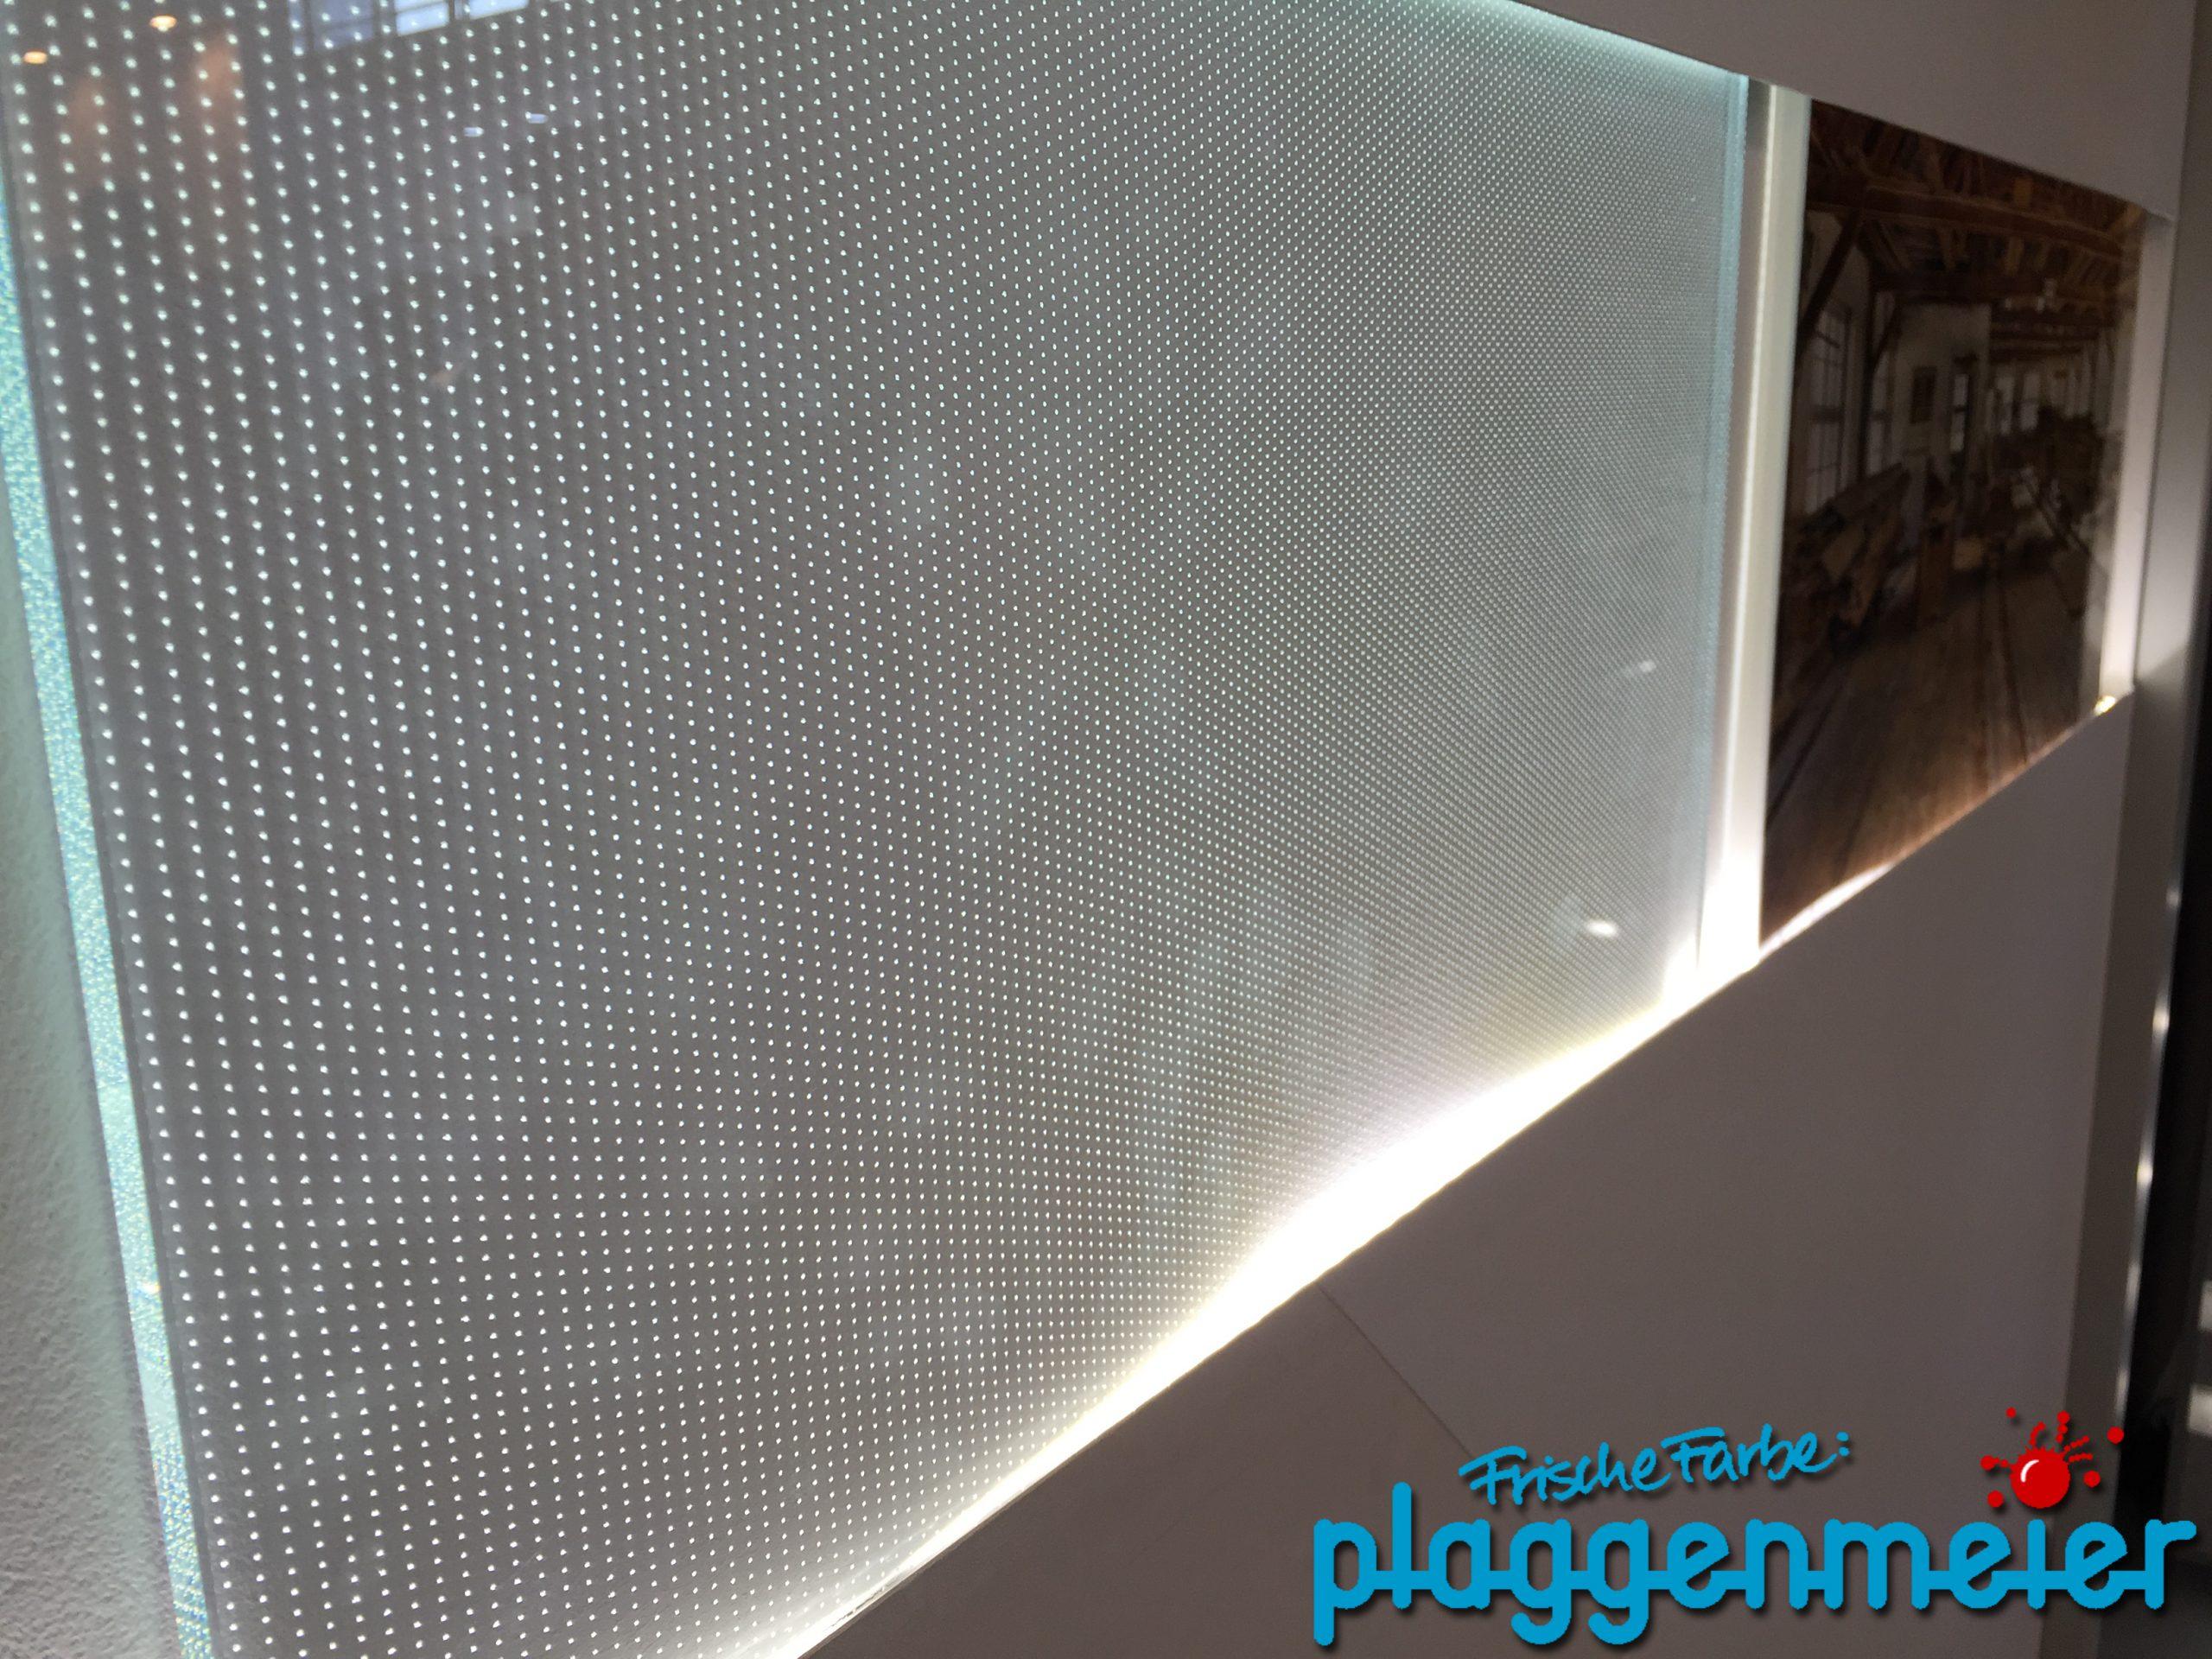 Full Size of Wohnzimmer Decken Moderne Deckenleuchte Beleuchtung Bett Mit Led Deckenlampe Bad Badezimmer Spiegelschrank Indirekte Und Steckdose Küche Wohnzimmer Indirekte Beleuchtung Decke